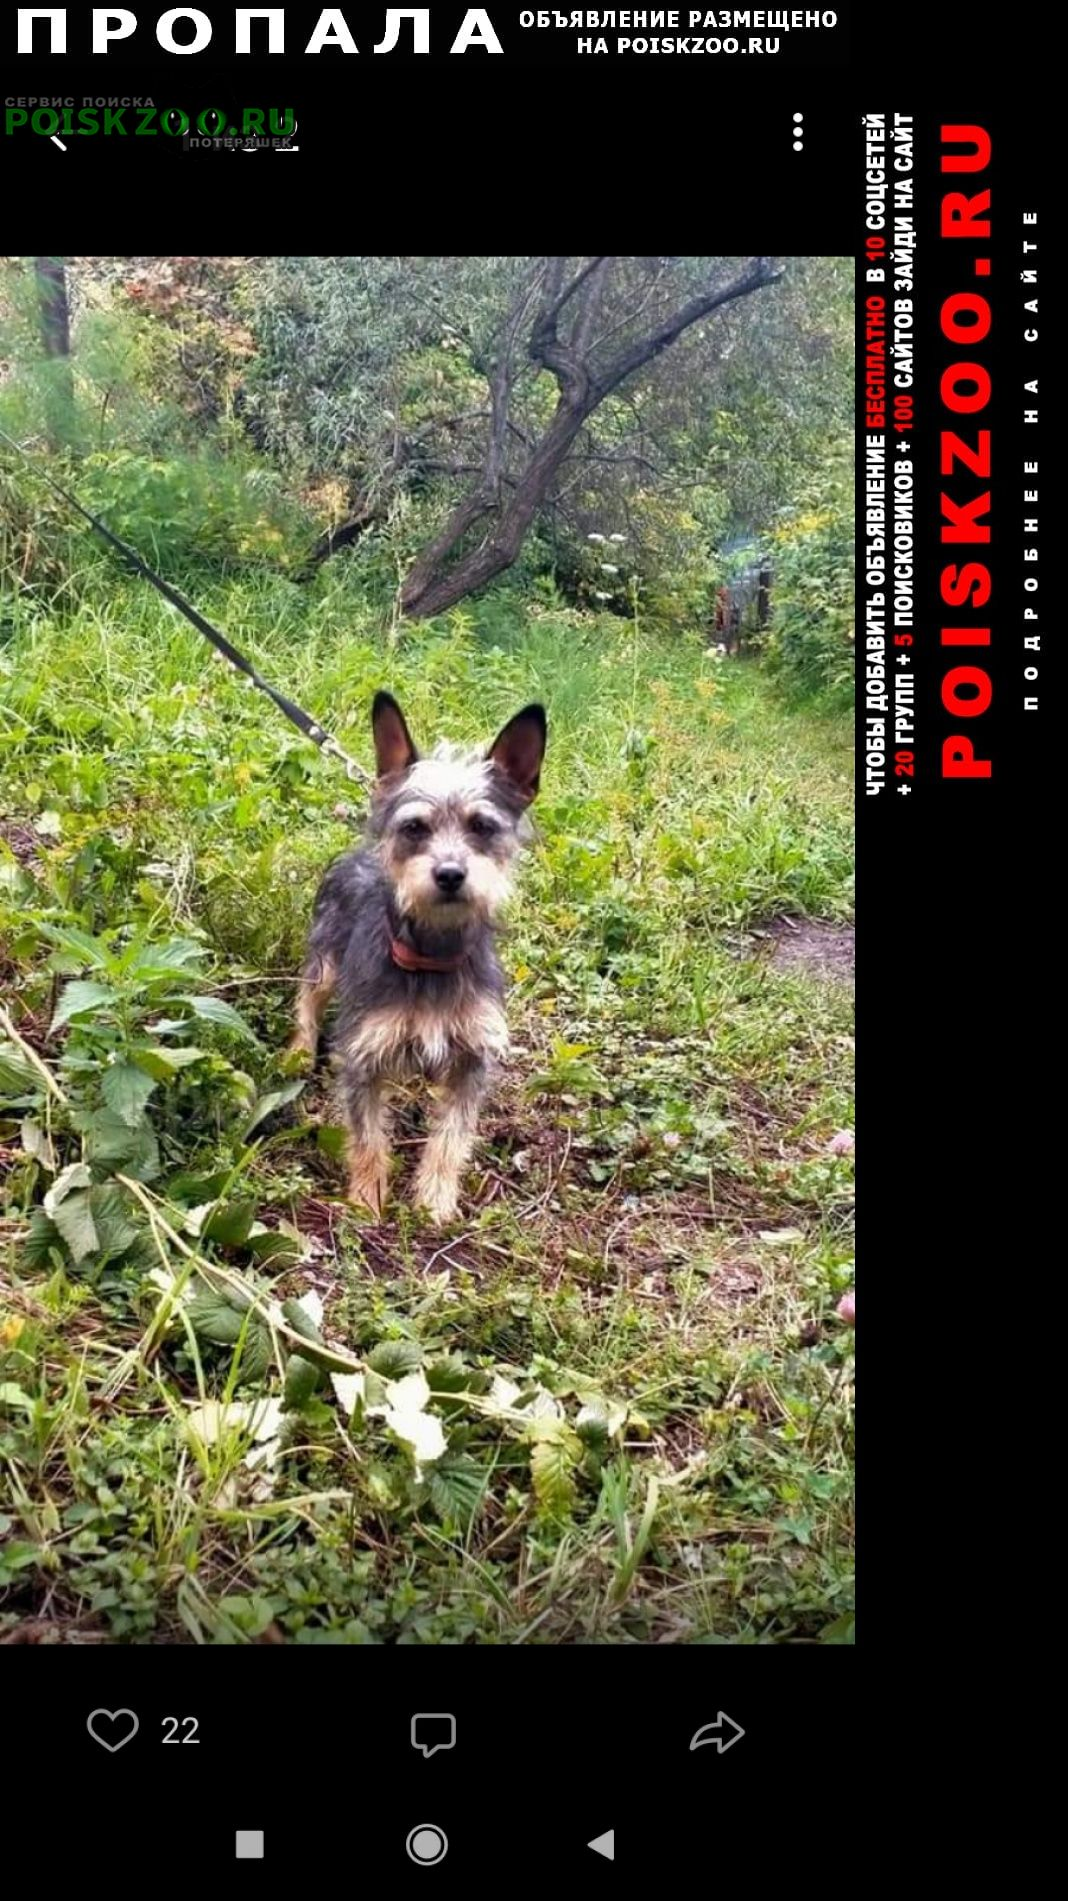 Новосибирск Пропала собака на улице твардовского 2